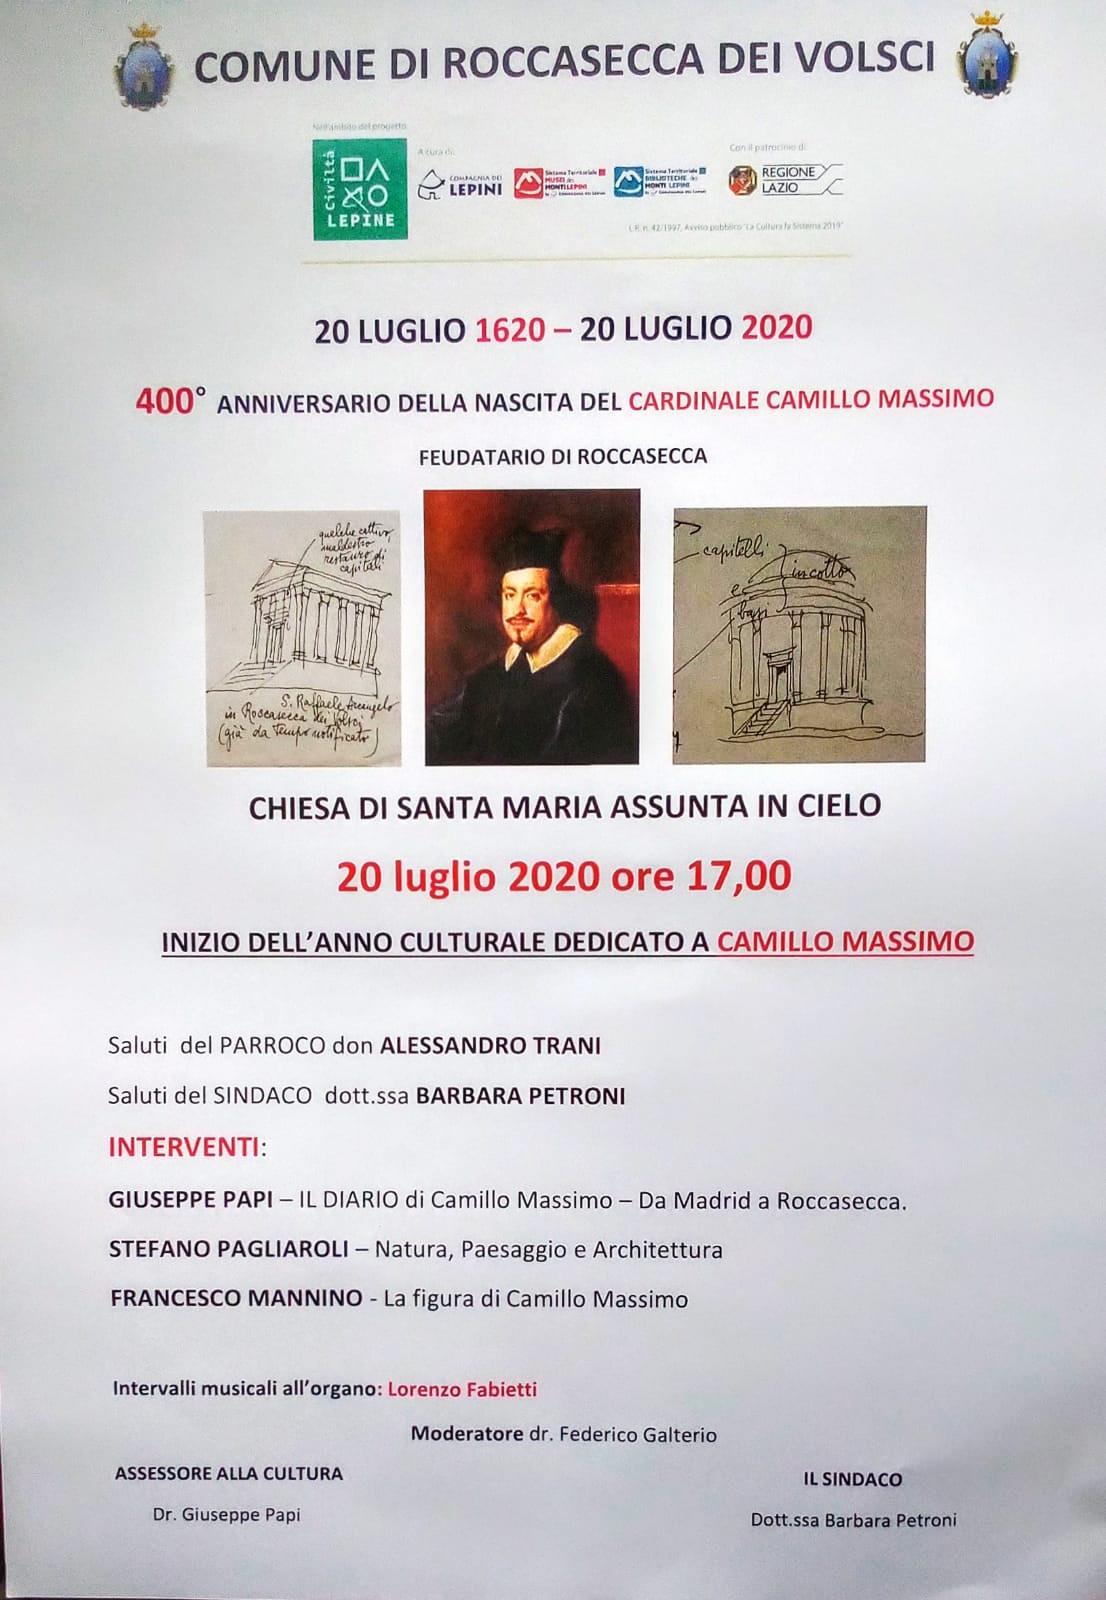 civilta-lepine-roccasecca-dei-volsci-luglio-2020